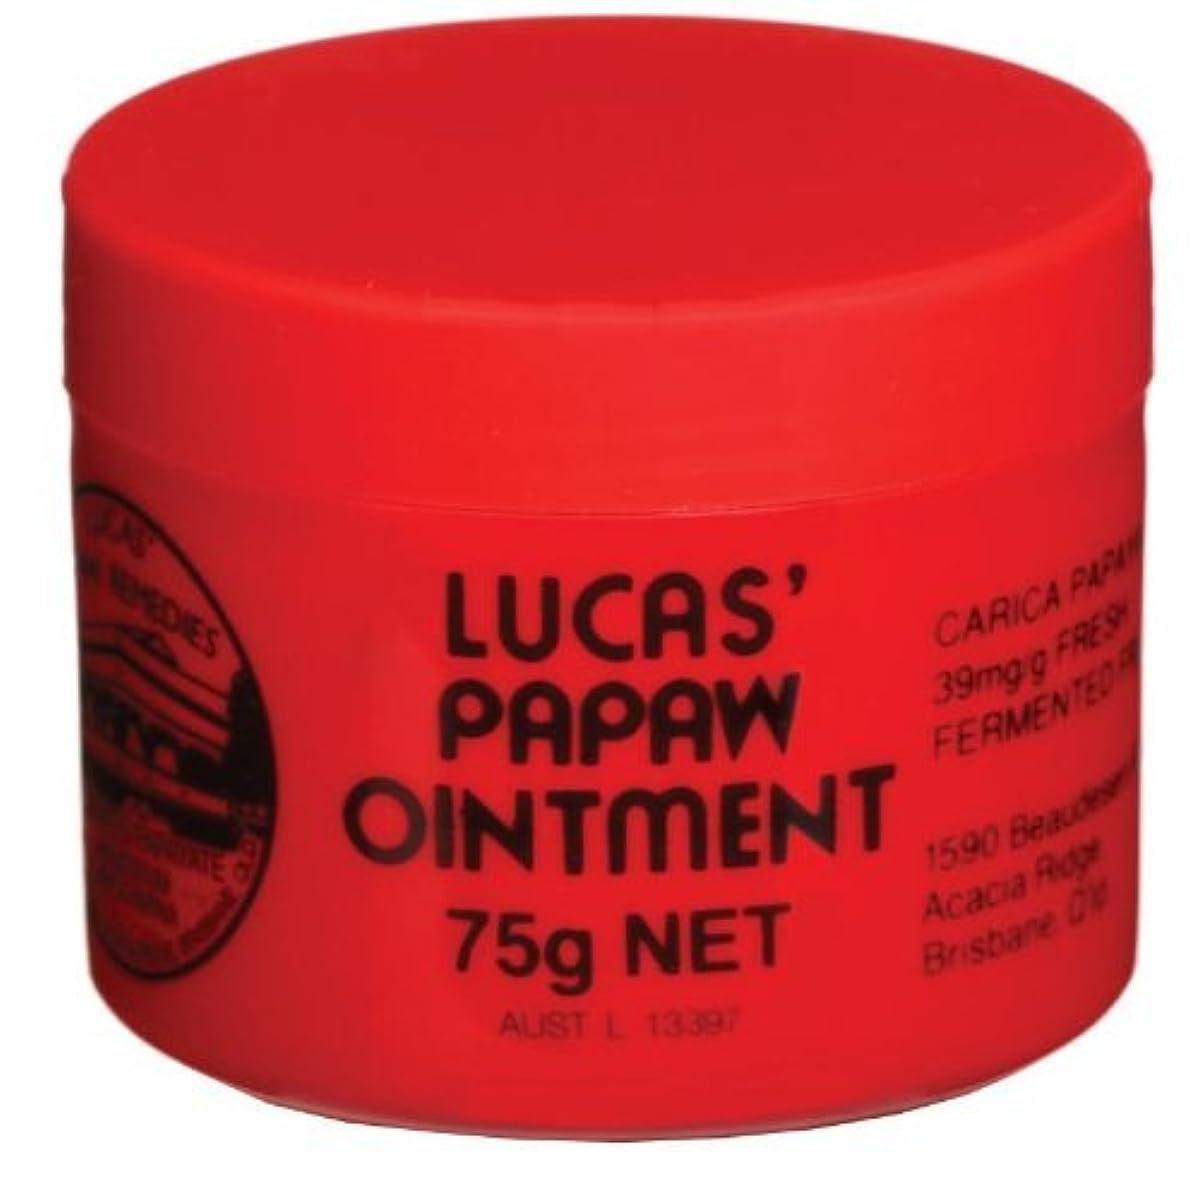 正確に腐食する意志[Lucas' Papaw Ointment] ルーカスポーポークリーム 75g